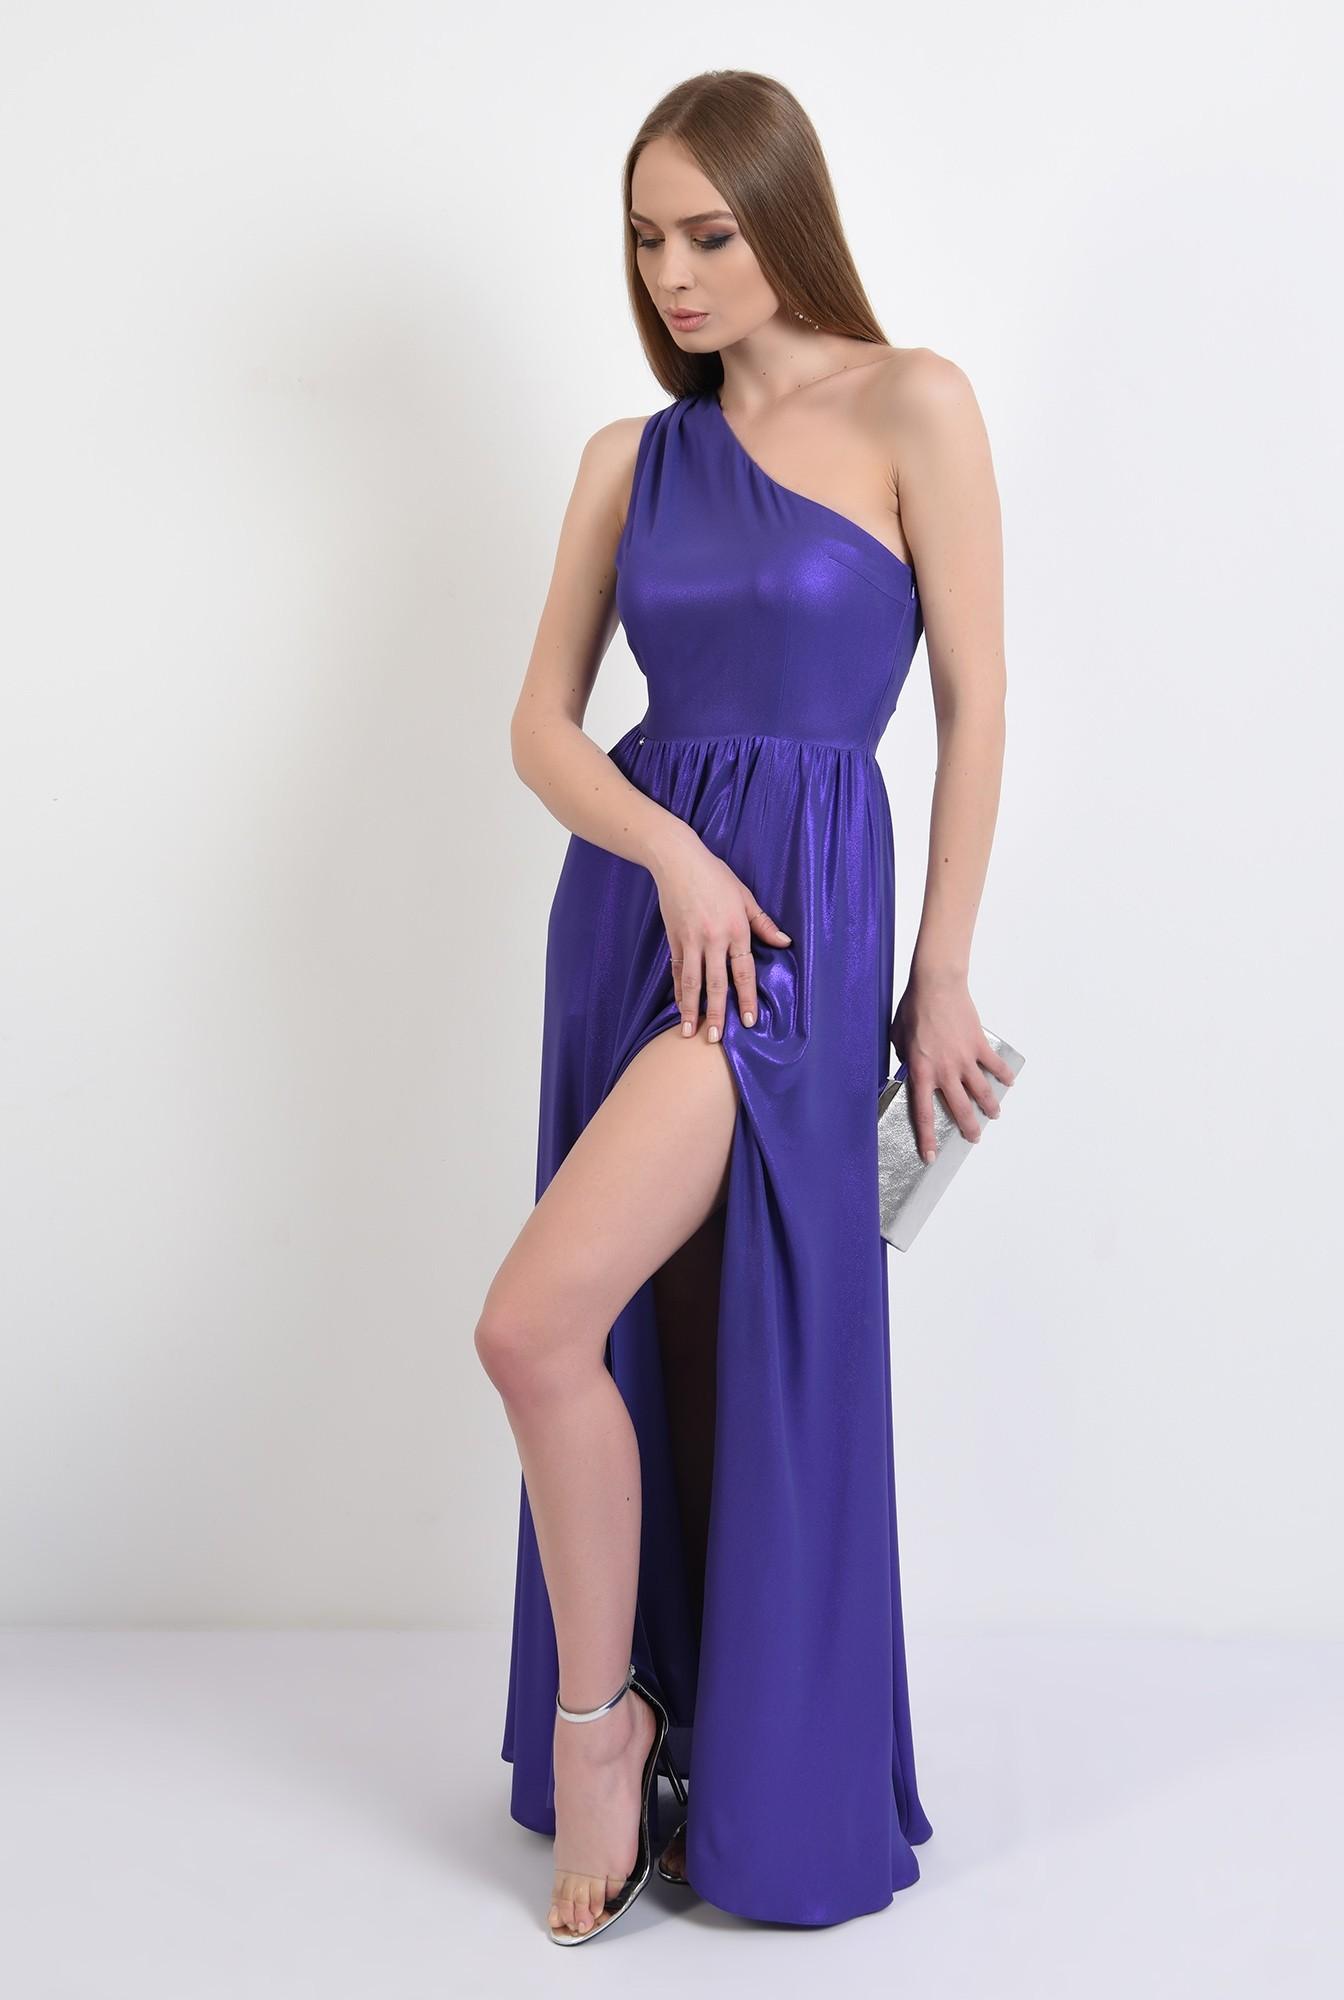 0 - 360 - rochie eleganta, cu crapeu, lunga, umar gol, pliuri la umar, Poema